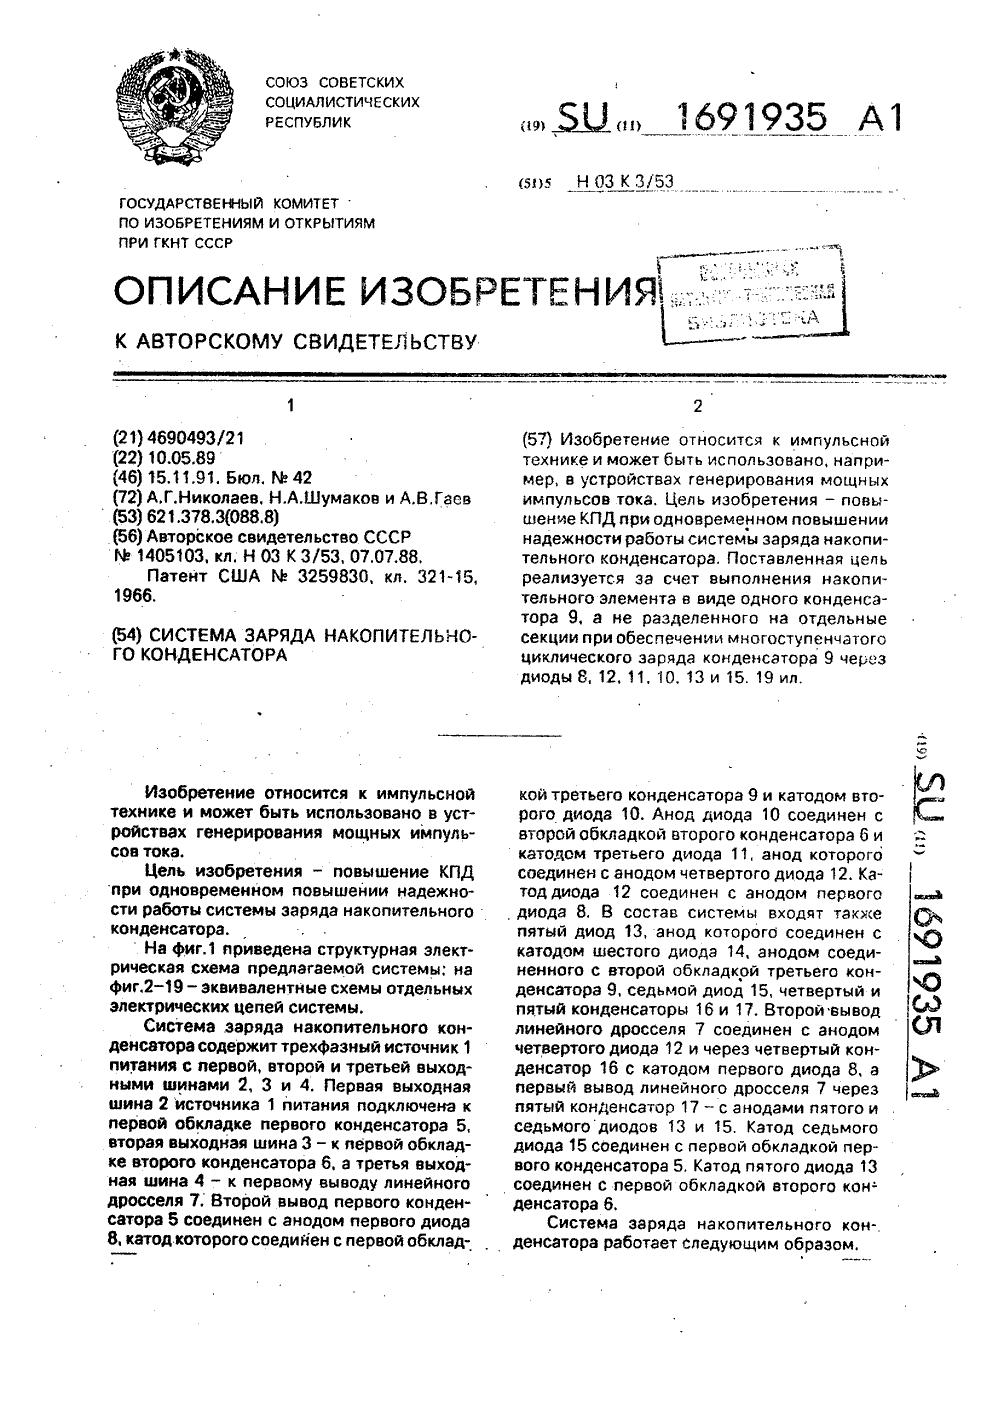 схема электронного зажигания литке